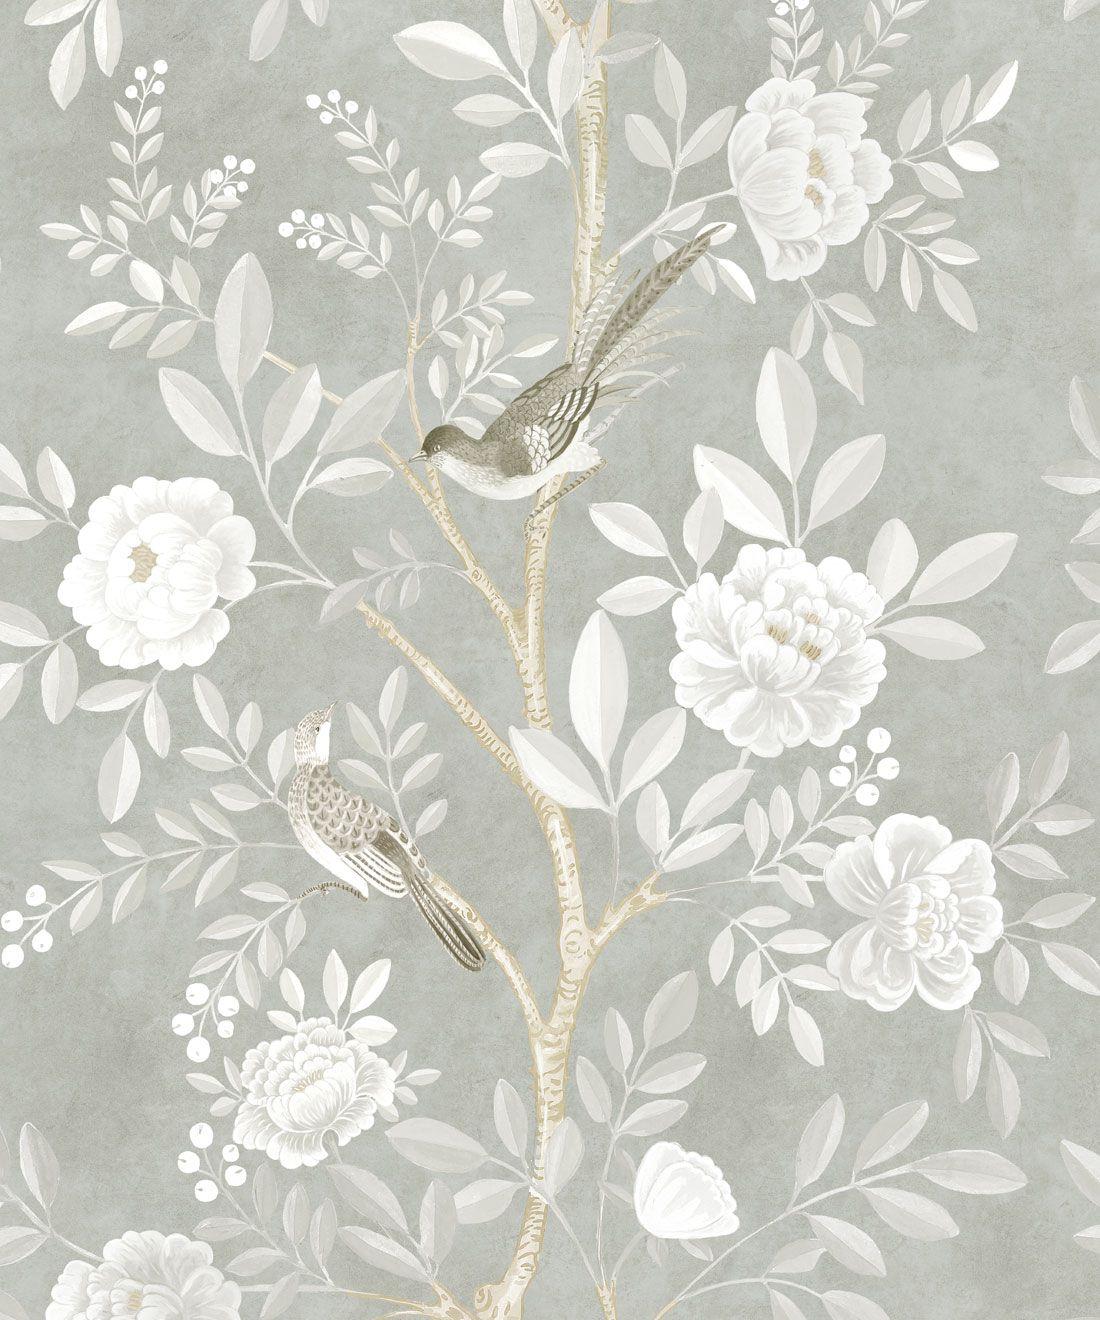 Chinoiserie Wallpaper •Floral Wallpaper •Bird Wallpaper • Magnolia • Linen • Swatch